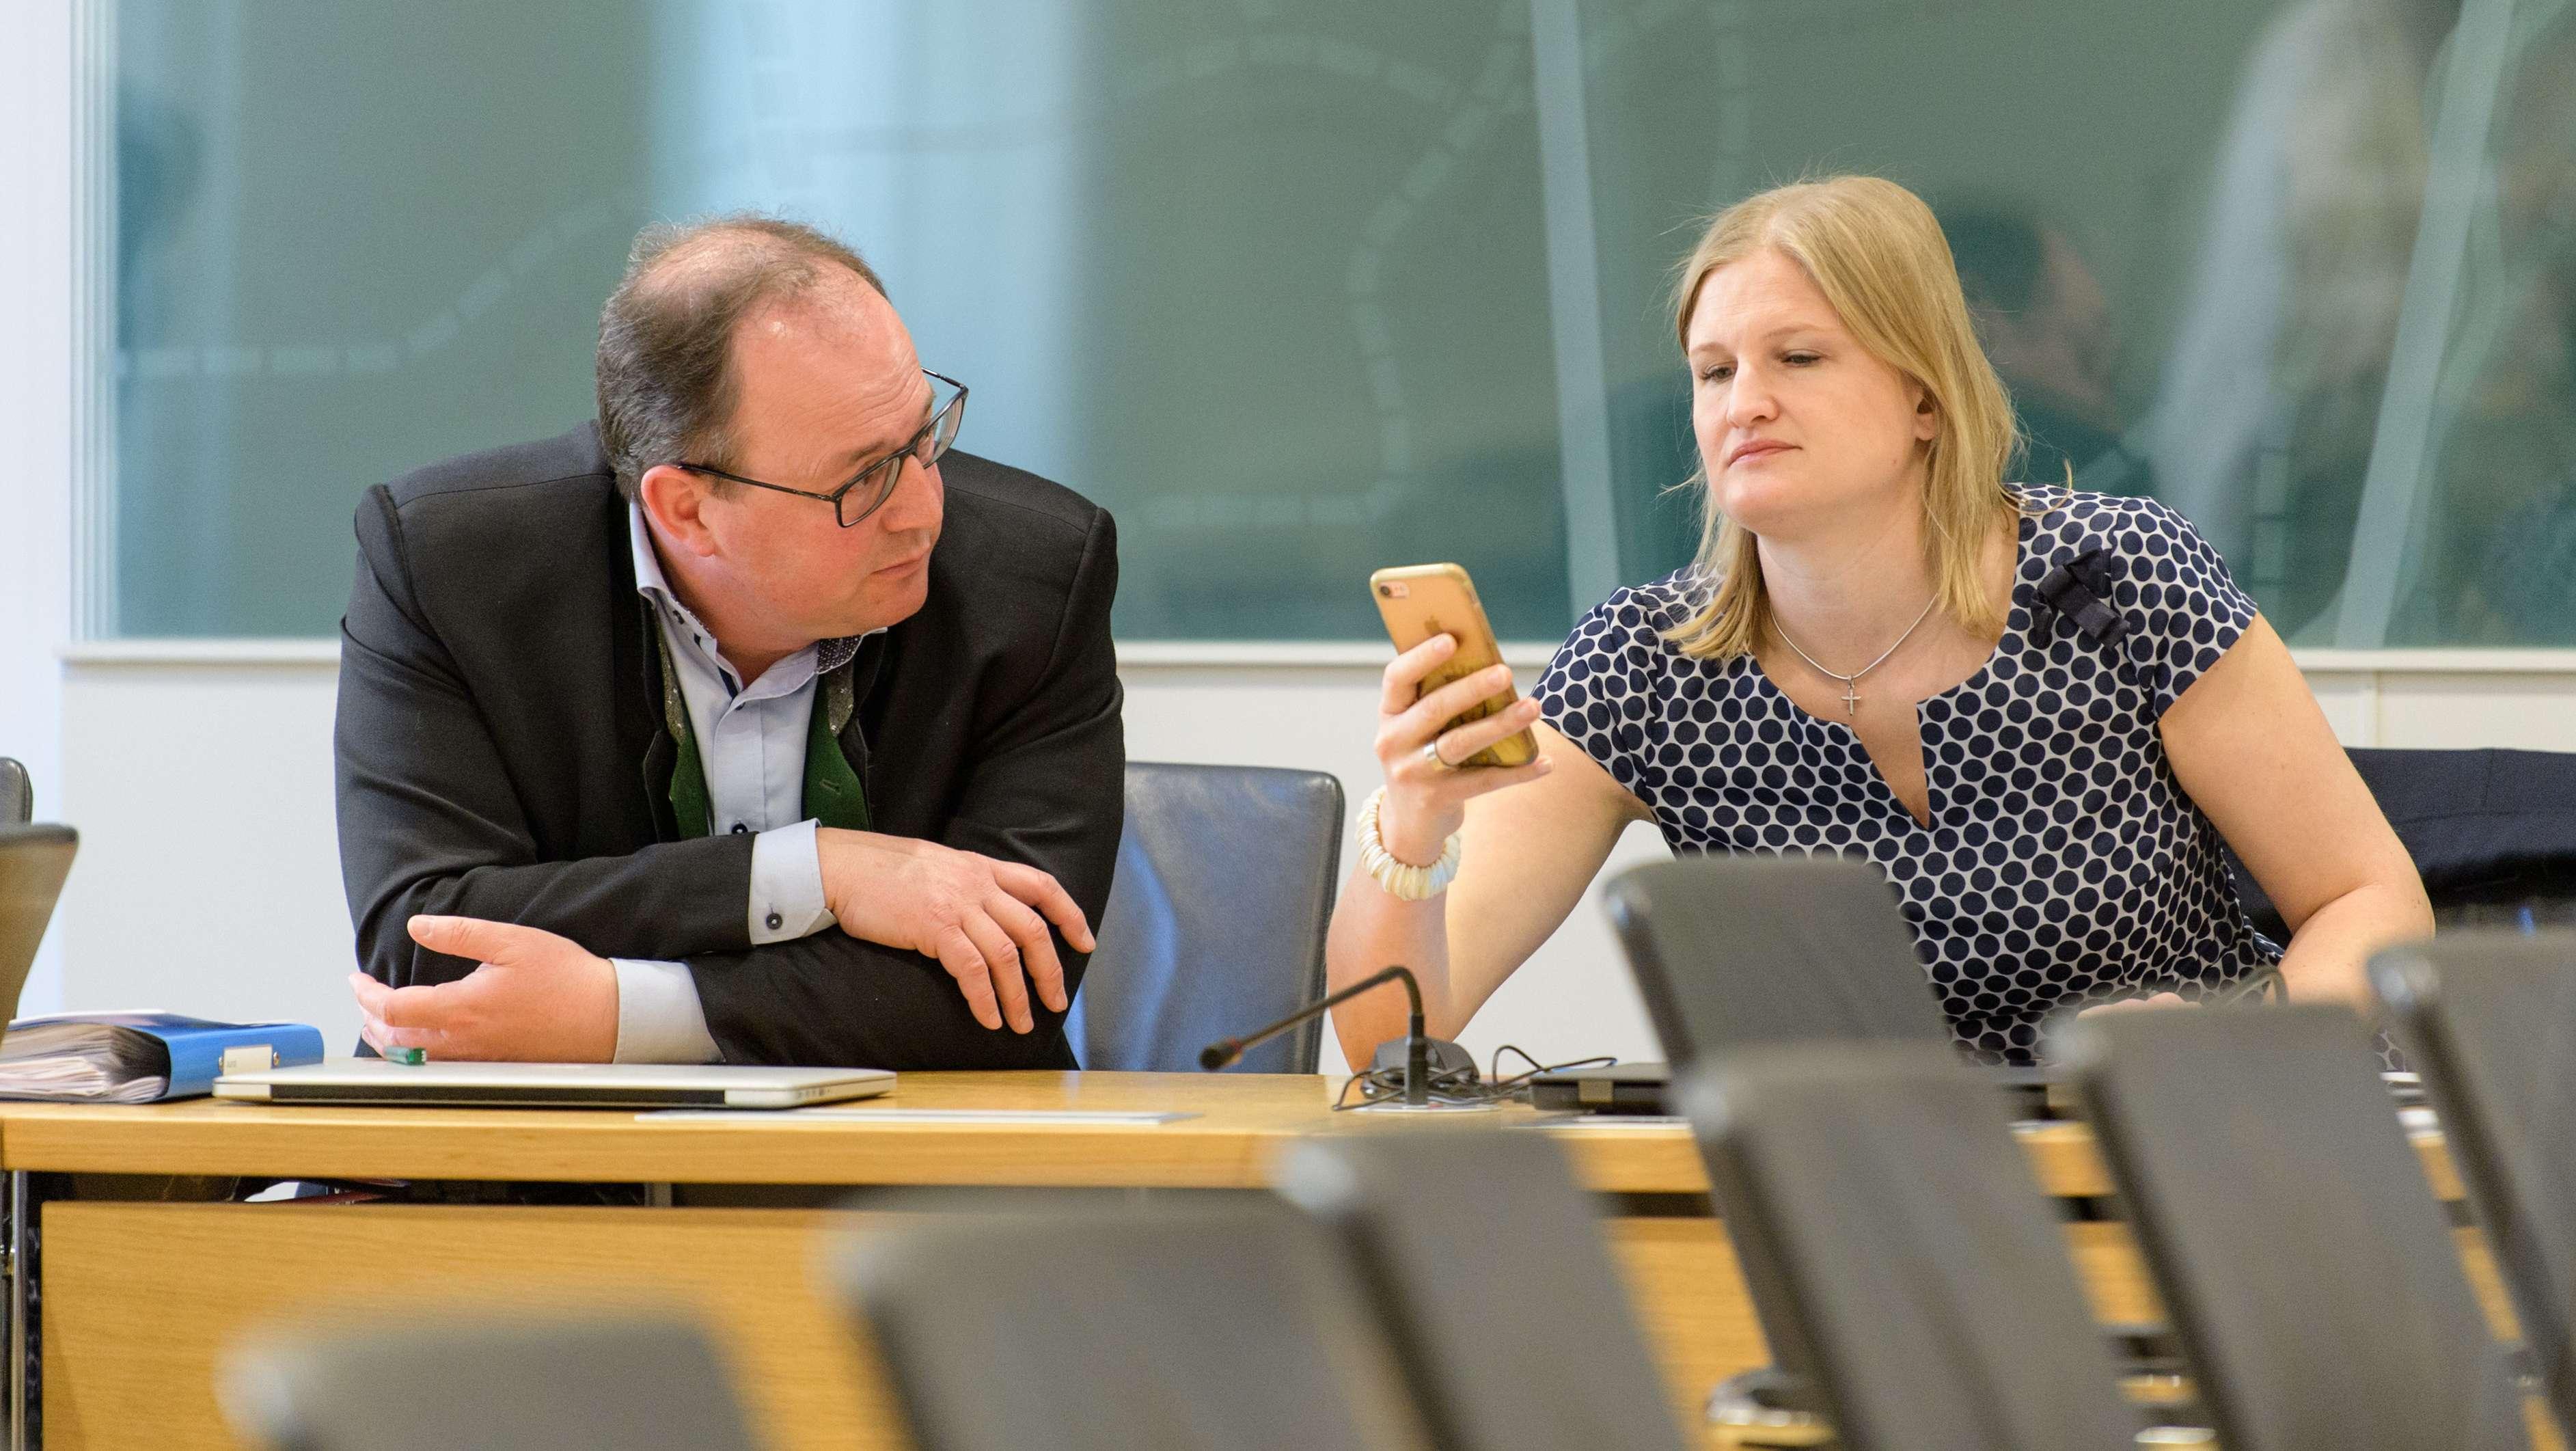 Markus Plenk und Katrin Ebner-Steiner, die beiden Vorsitzenden der AfD-Fraktion, bei einer Sitzung im Bayerischen Landtag.